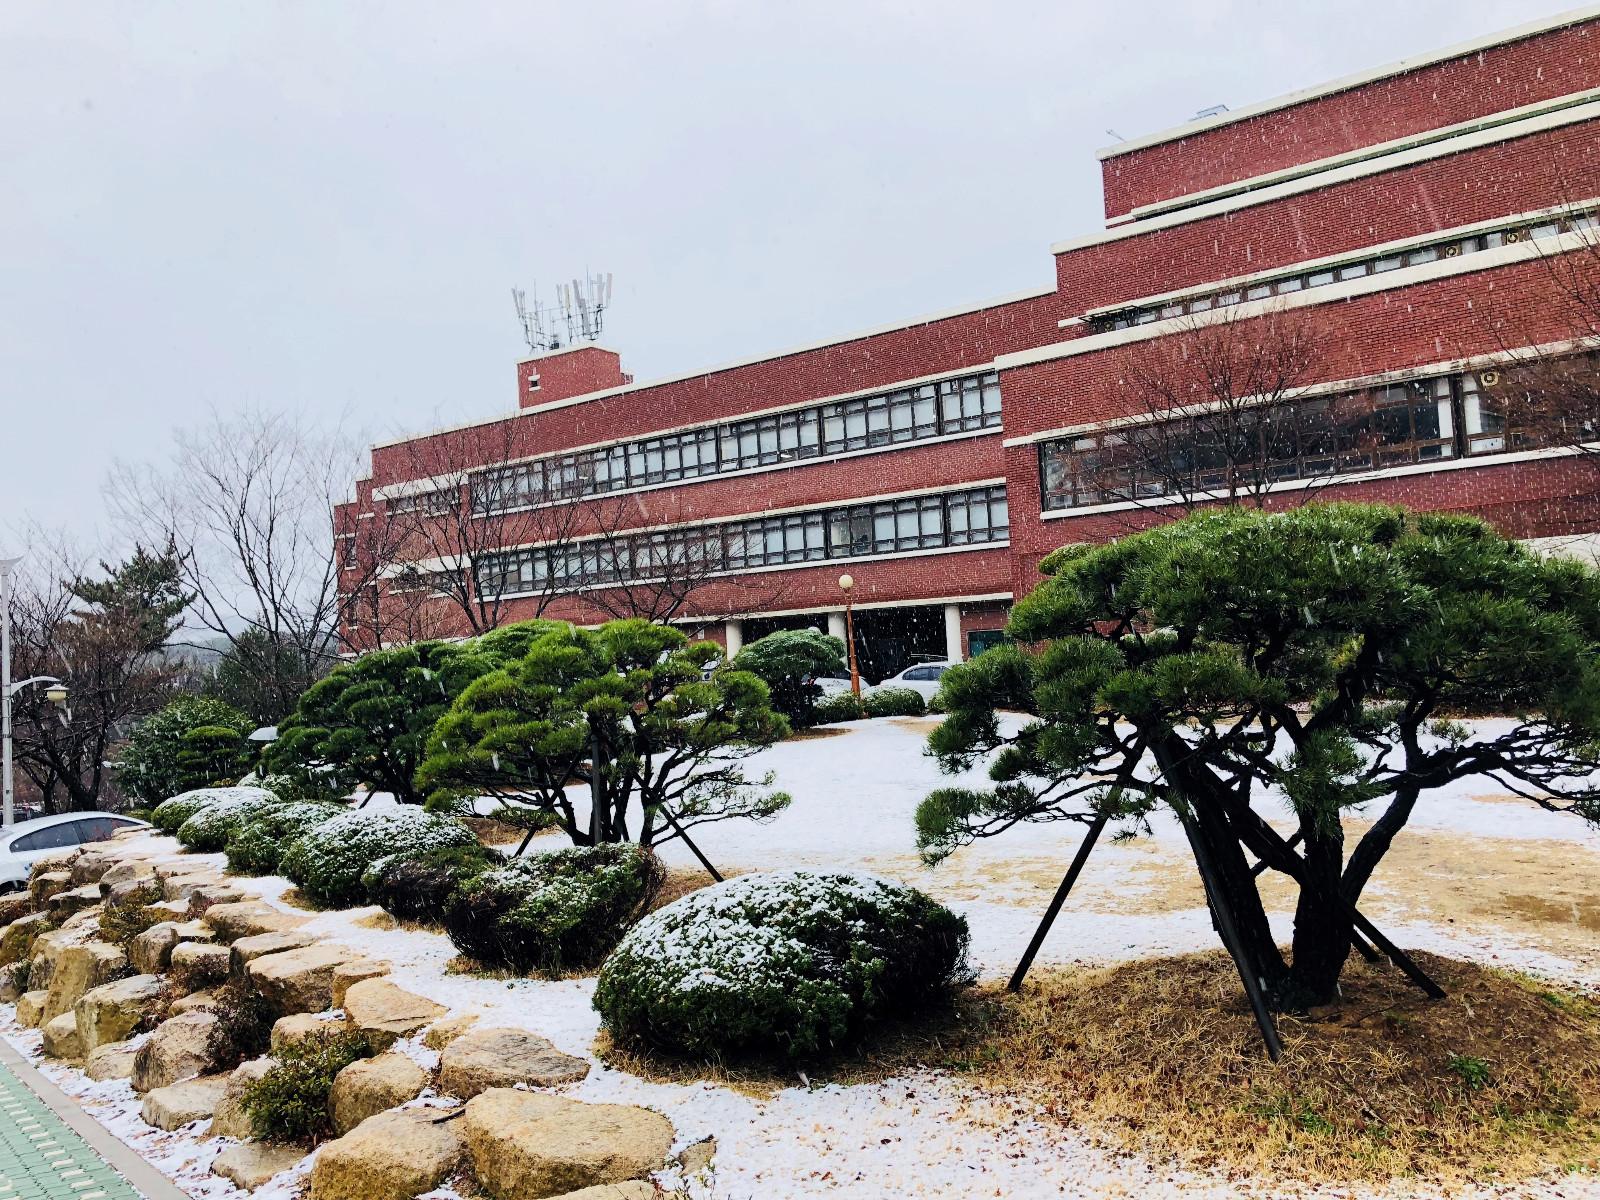 初雪下的教学楼